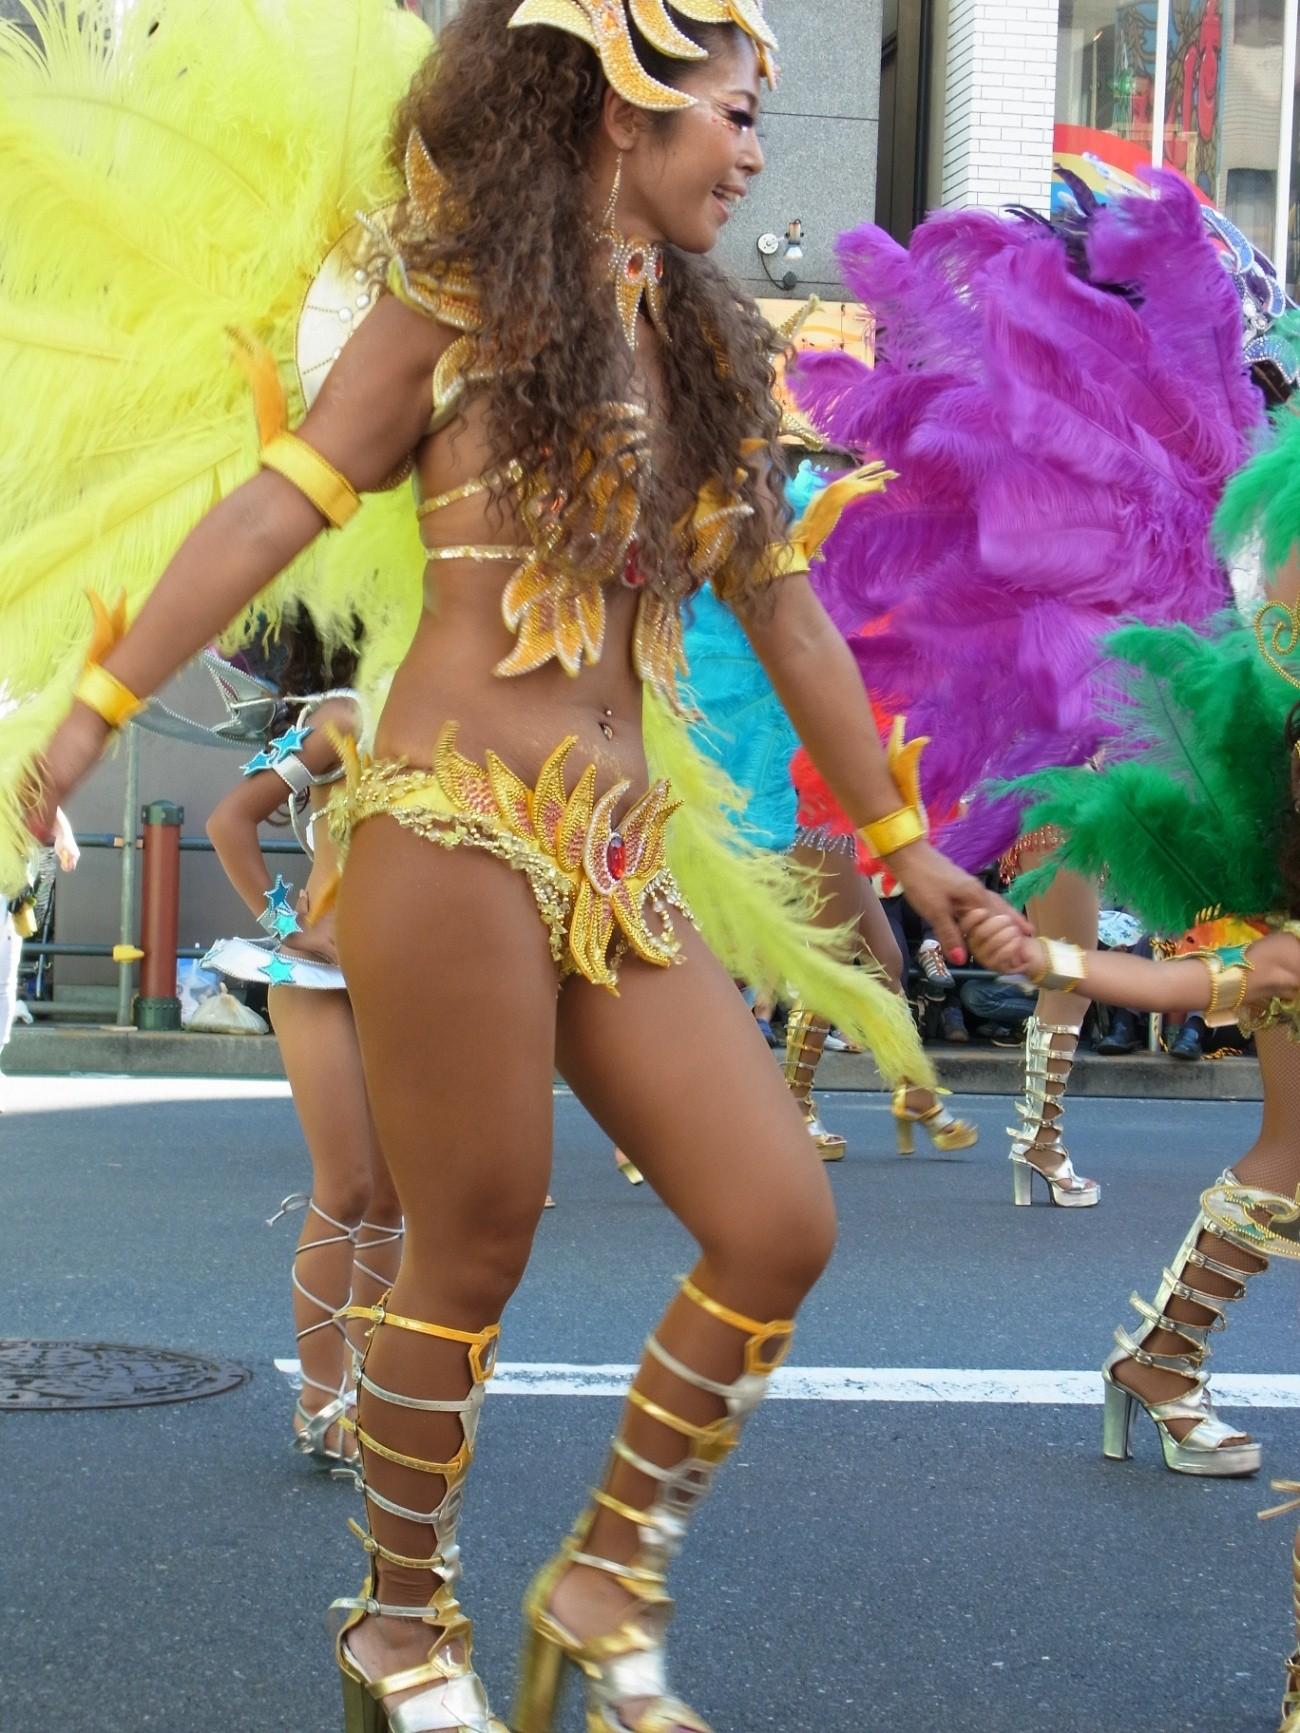 【サンバエロ画像】これでも抑え気味w乳と尻限界まで出して踊るサンバ美女www 03